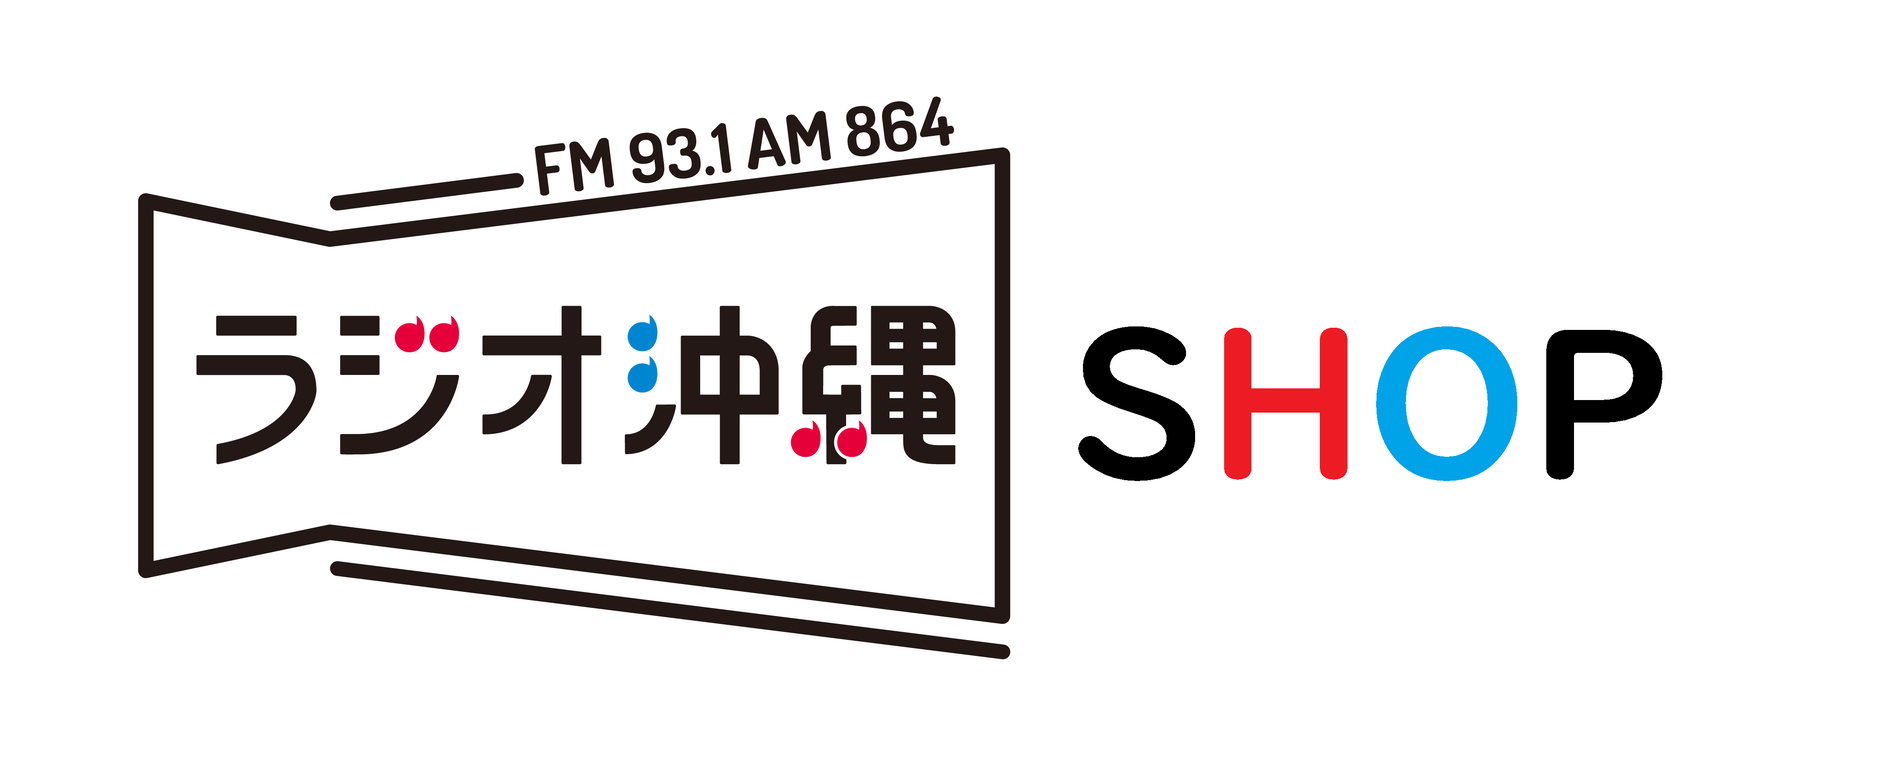 ラジオ沖縄 shop